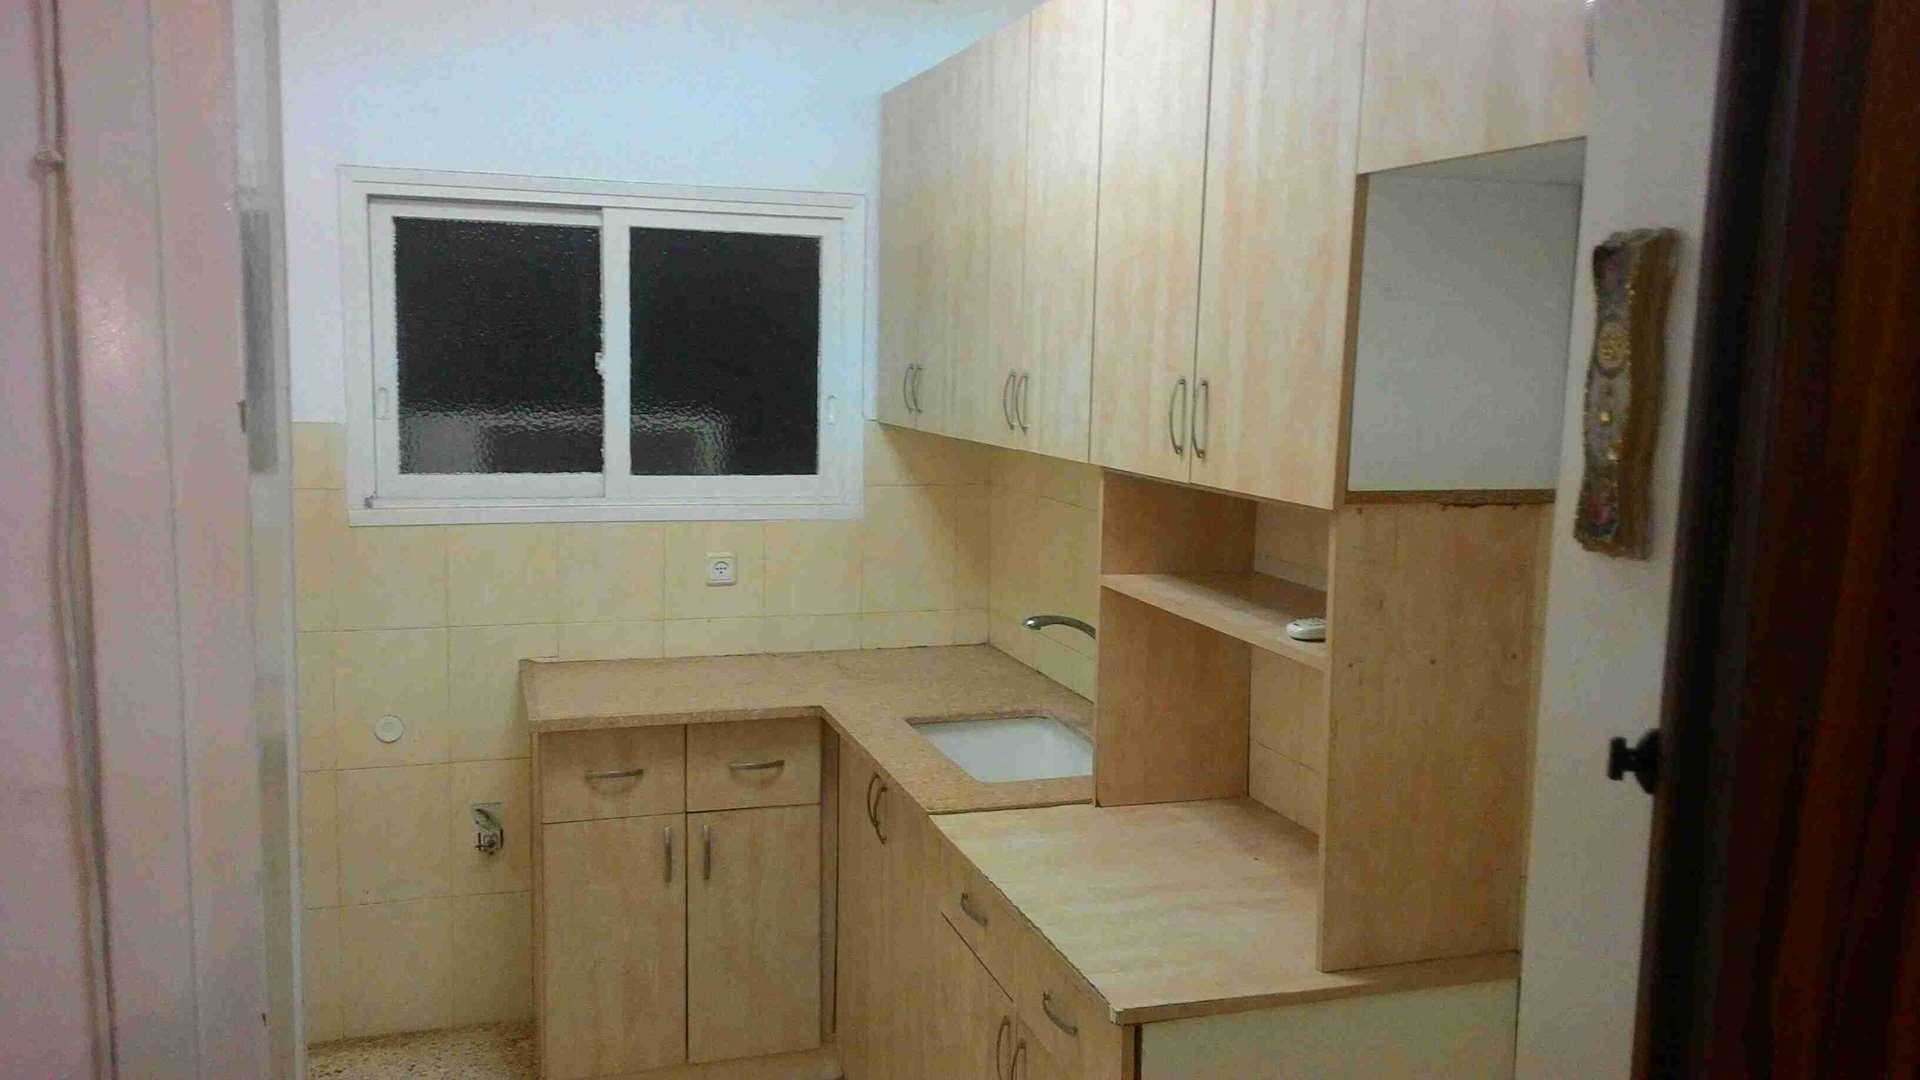 דירה להשכרה 2.5 חדרים בפתח תקווה קלישר מרכז